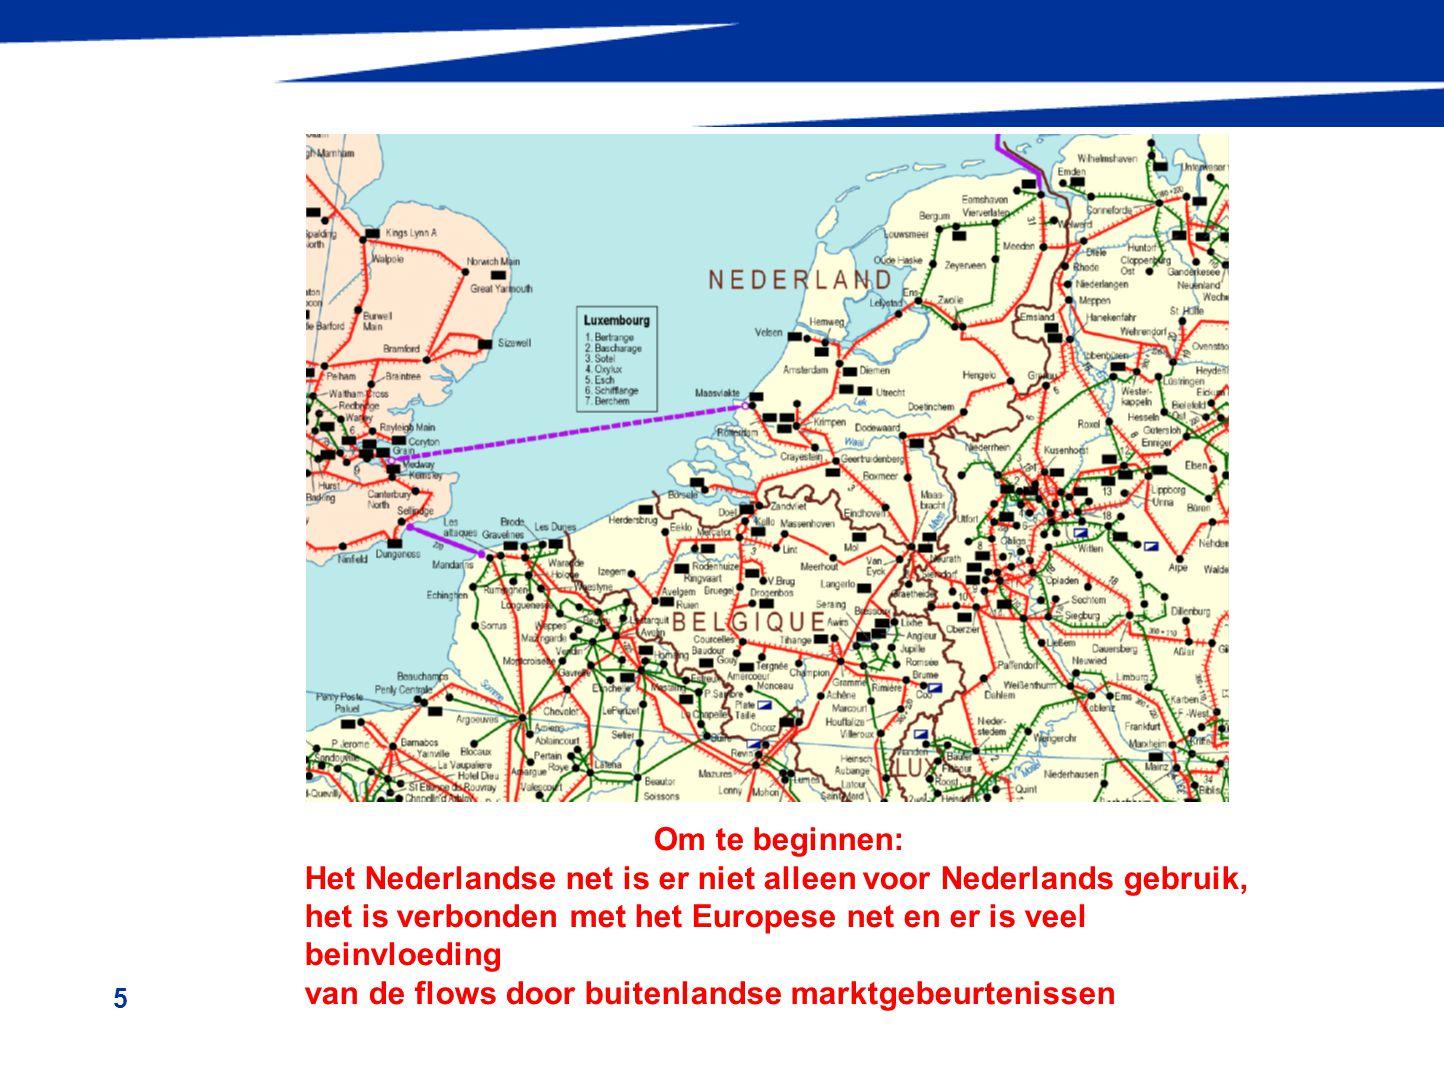 Om te beginnen: Het Nederlandse net is er niet alleen voor Nederlands gebruik, het is verbonden met het Europese net en er is veel beinvloeding.